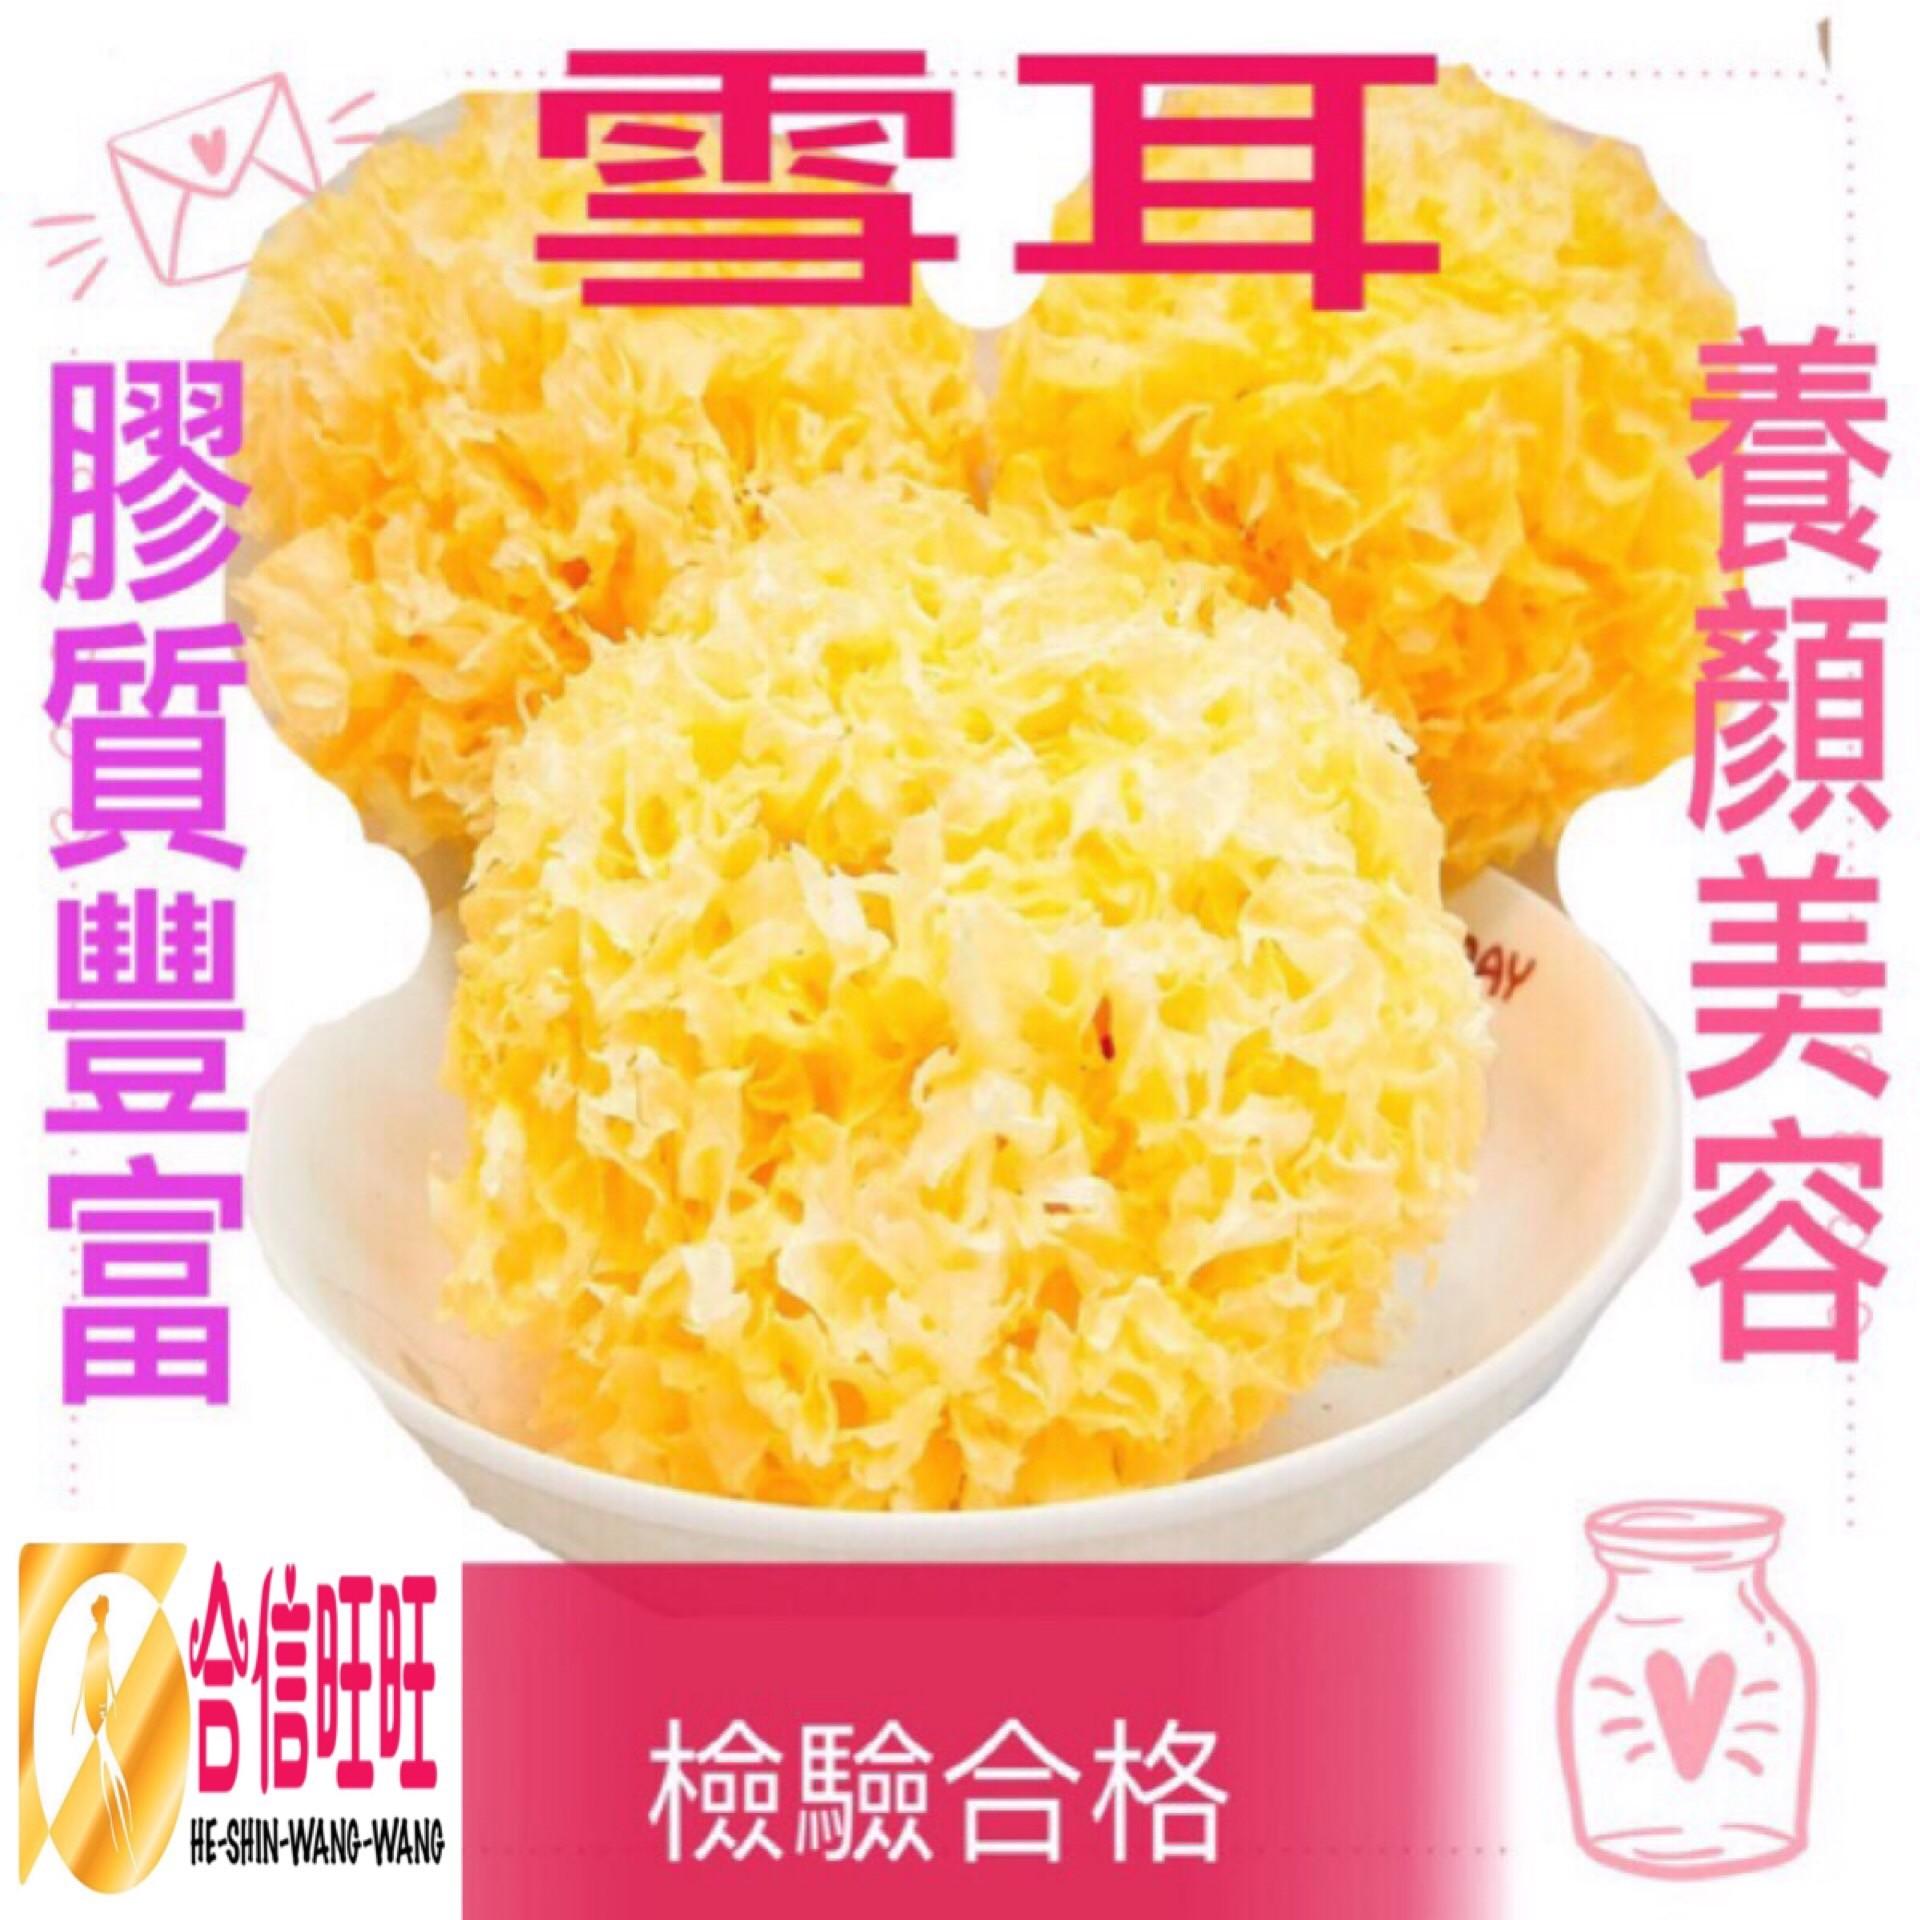 【雪耳】白木耳300克╱豐富的膠原蛋白 養顏美容 農藥檢驗合格